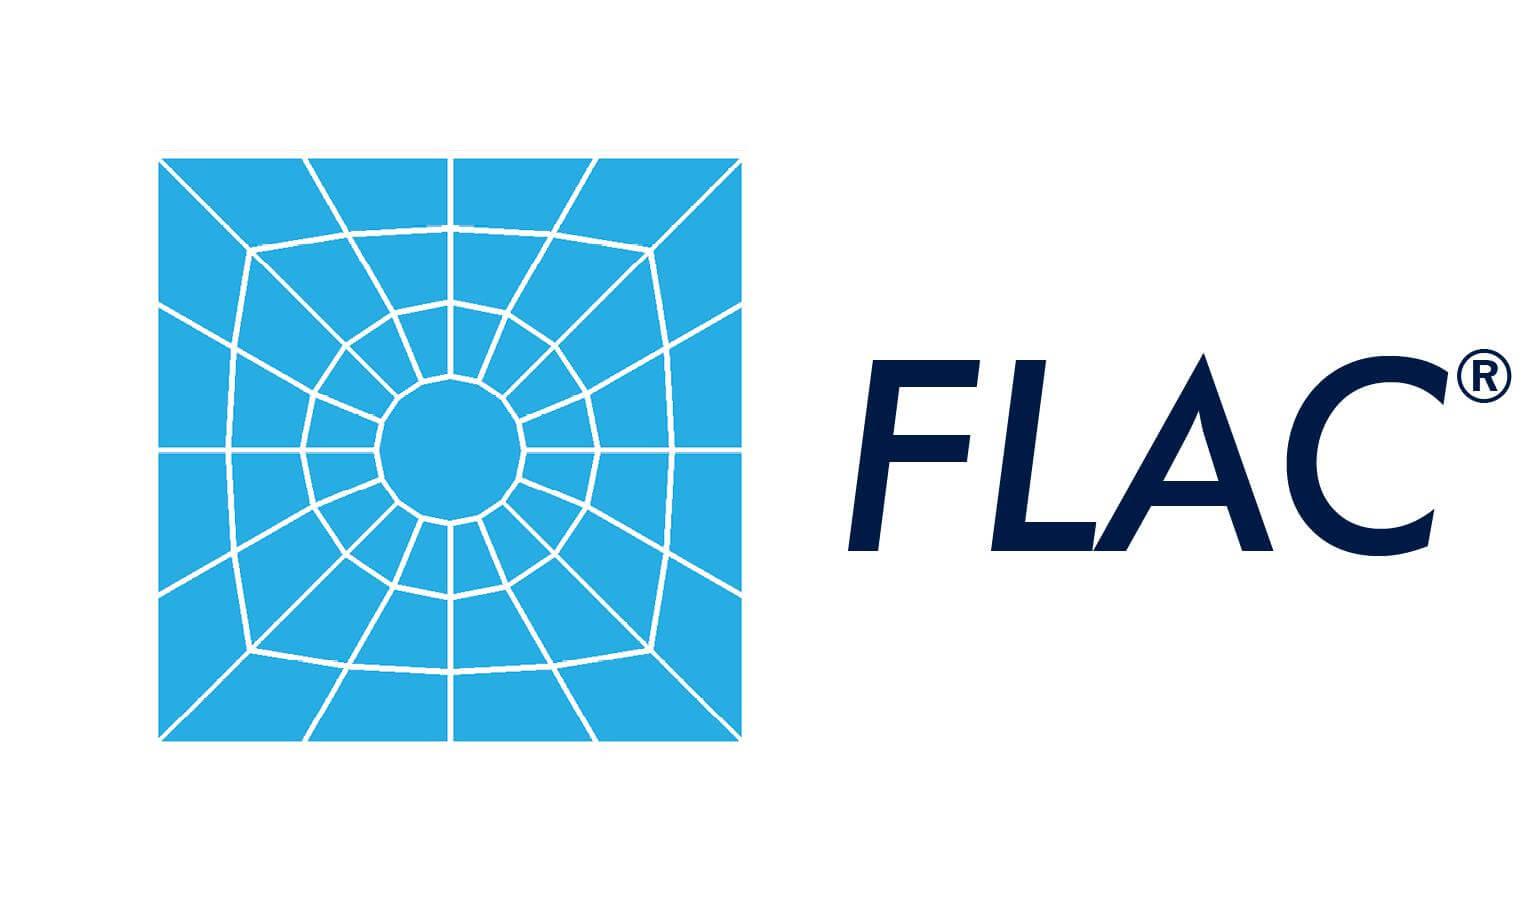 انجام پروژه های ژئوتکنیک و مهندسی معدن با نرم افزار فلک(FLAC)